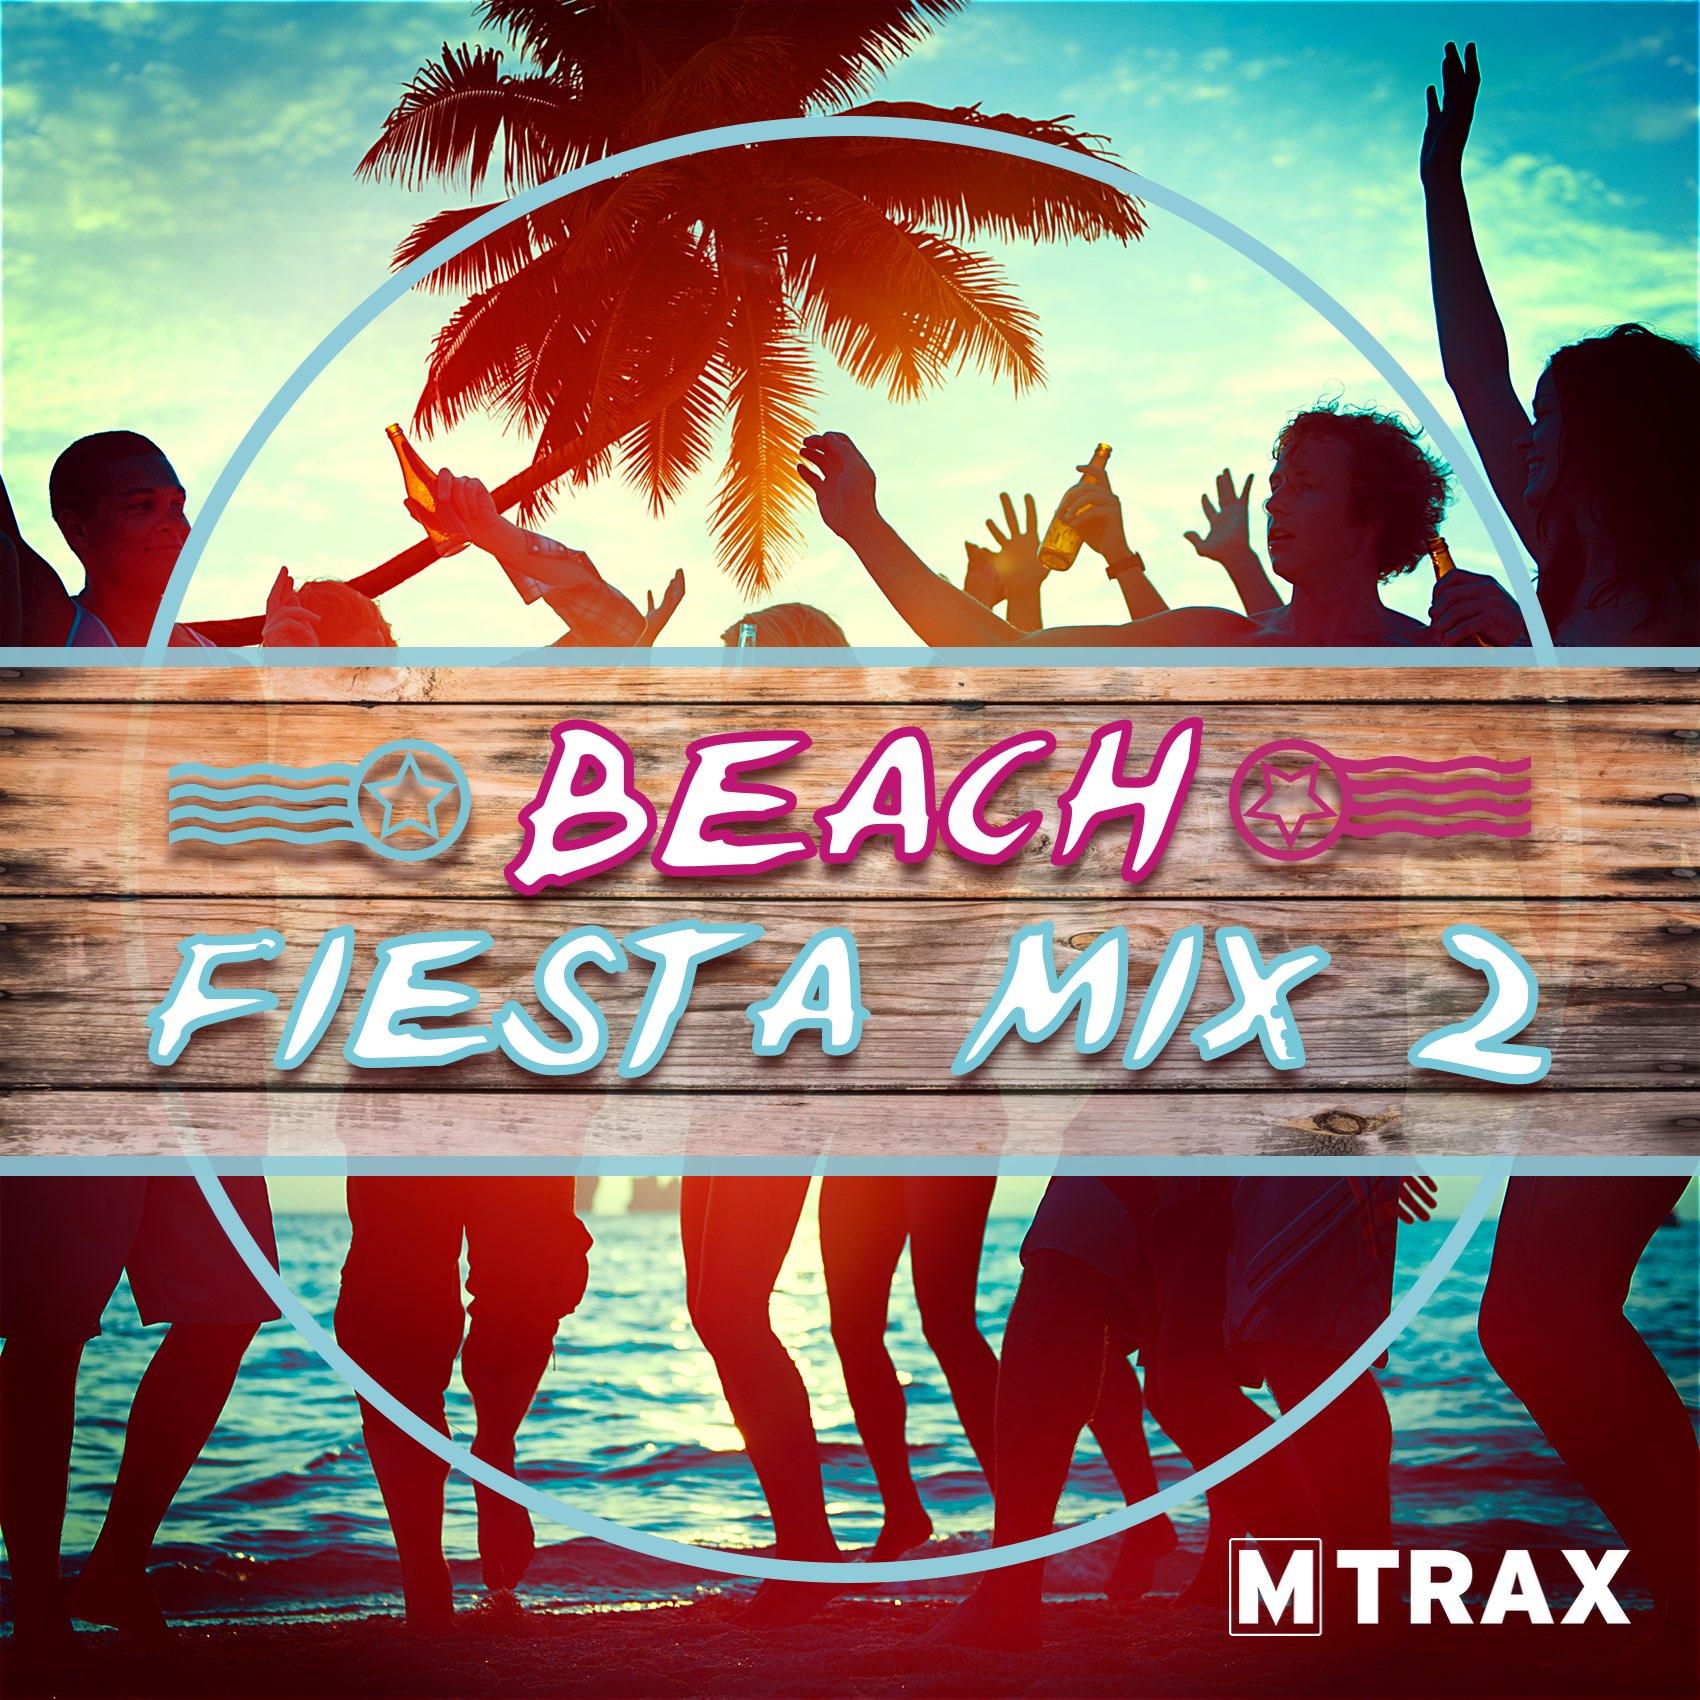 Beach Fiesta Mix 2 - MTrax Fitness Music